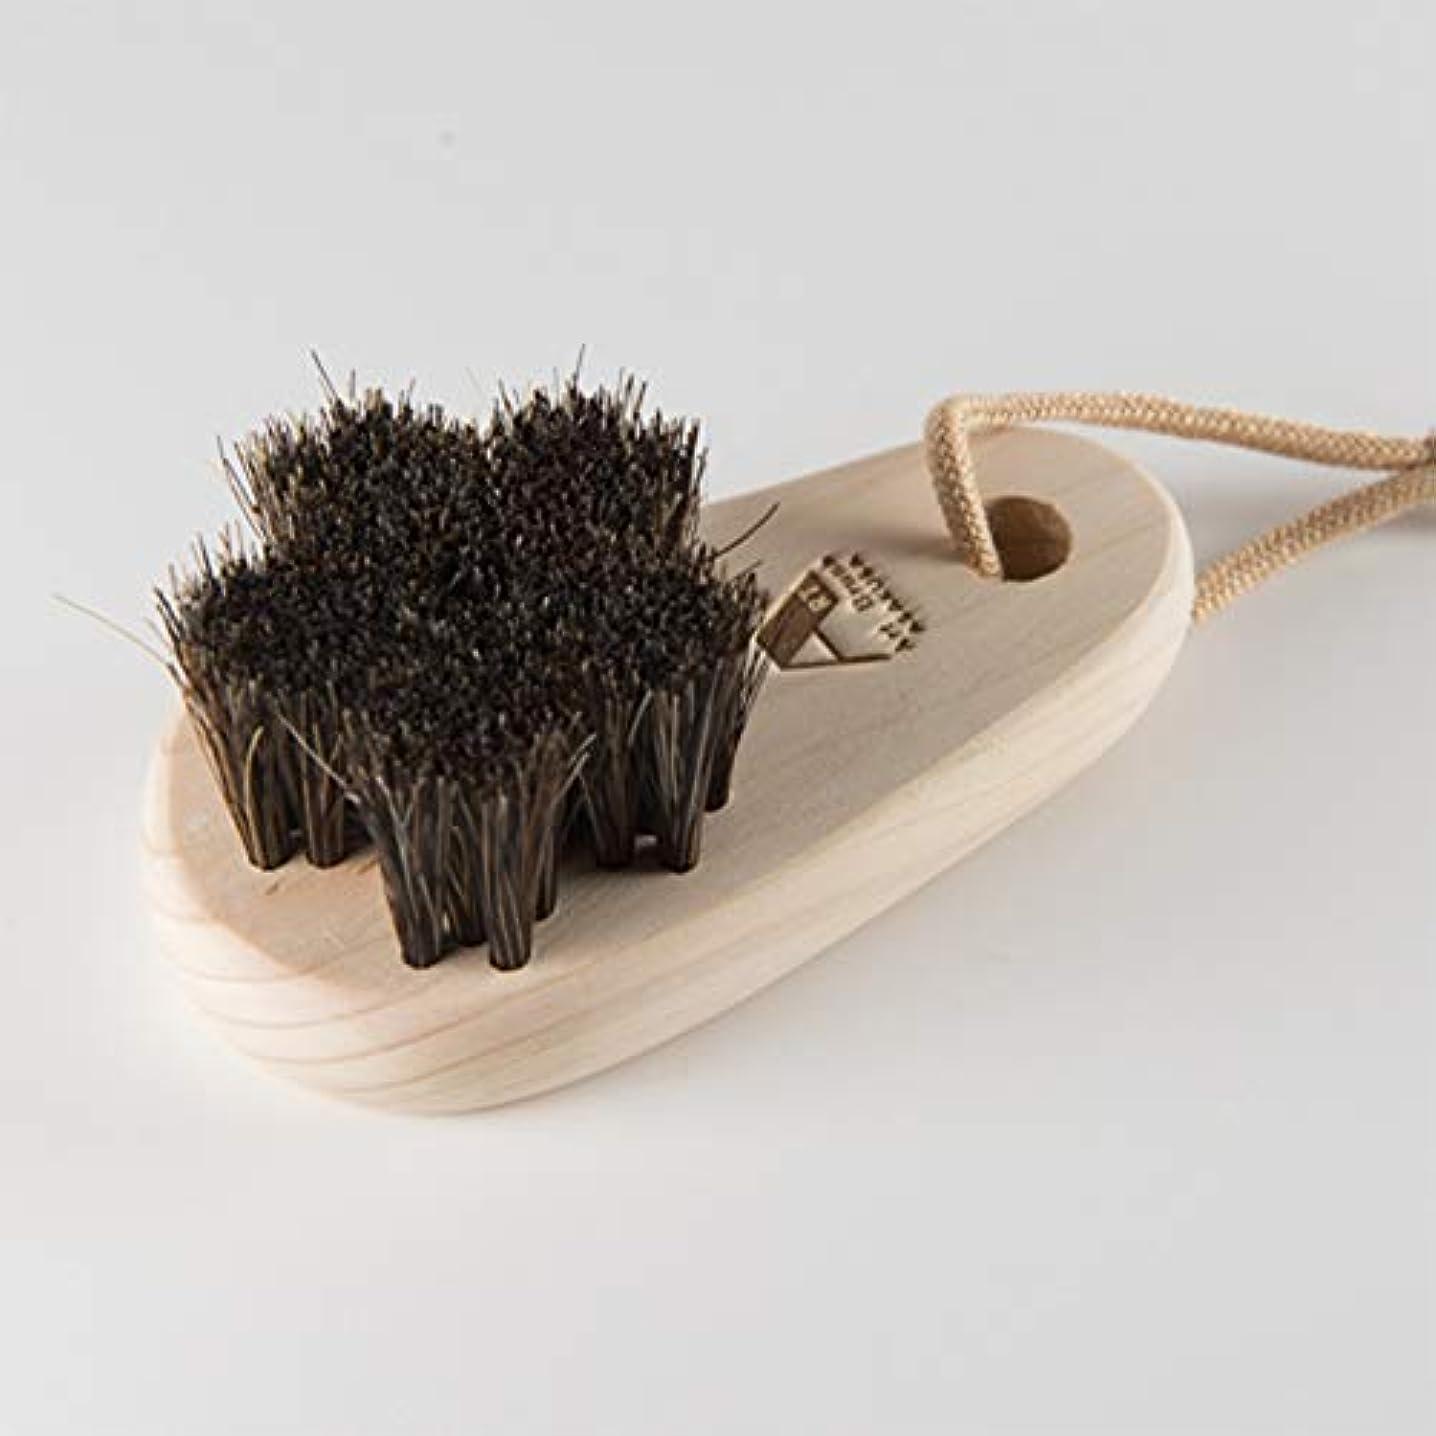 つかまえる過剰底浅草アートブラシ 馬毛のフットブラシ「さくら」